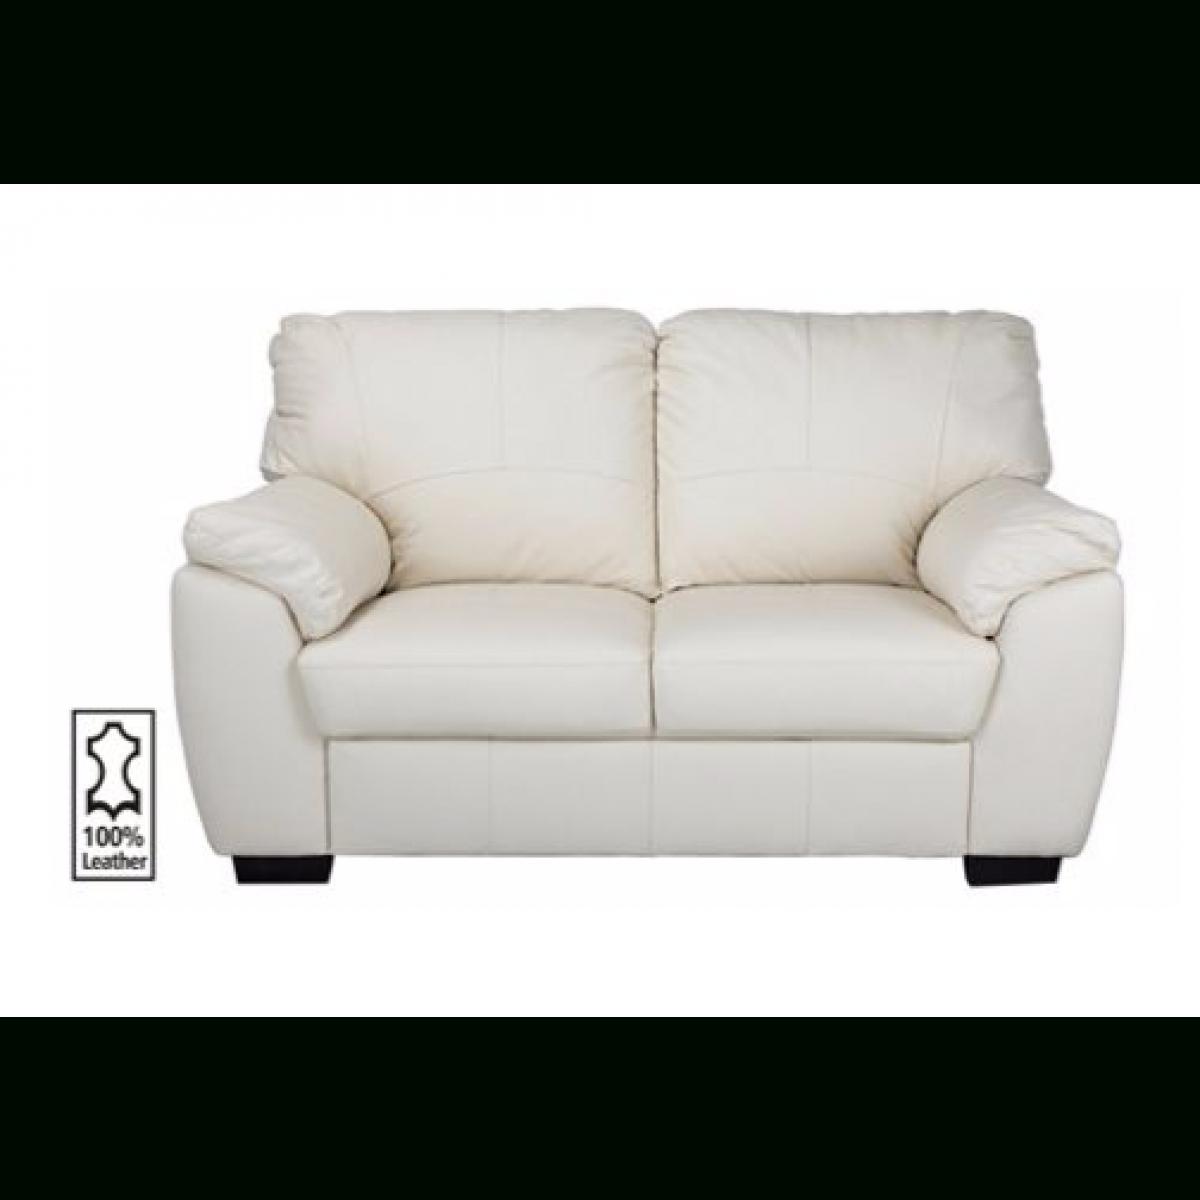 Milano Regular Leather Sofa – Ivory (Image 14 of 20)